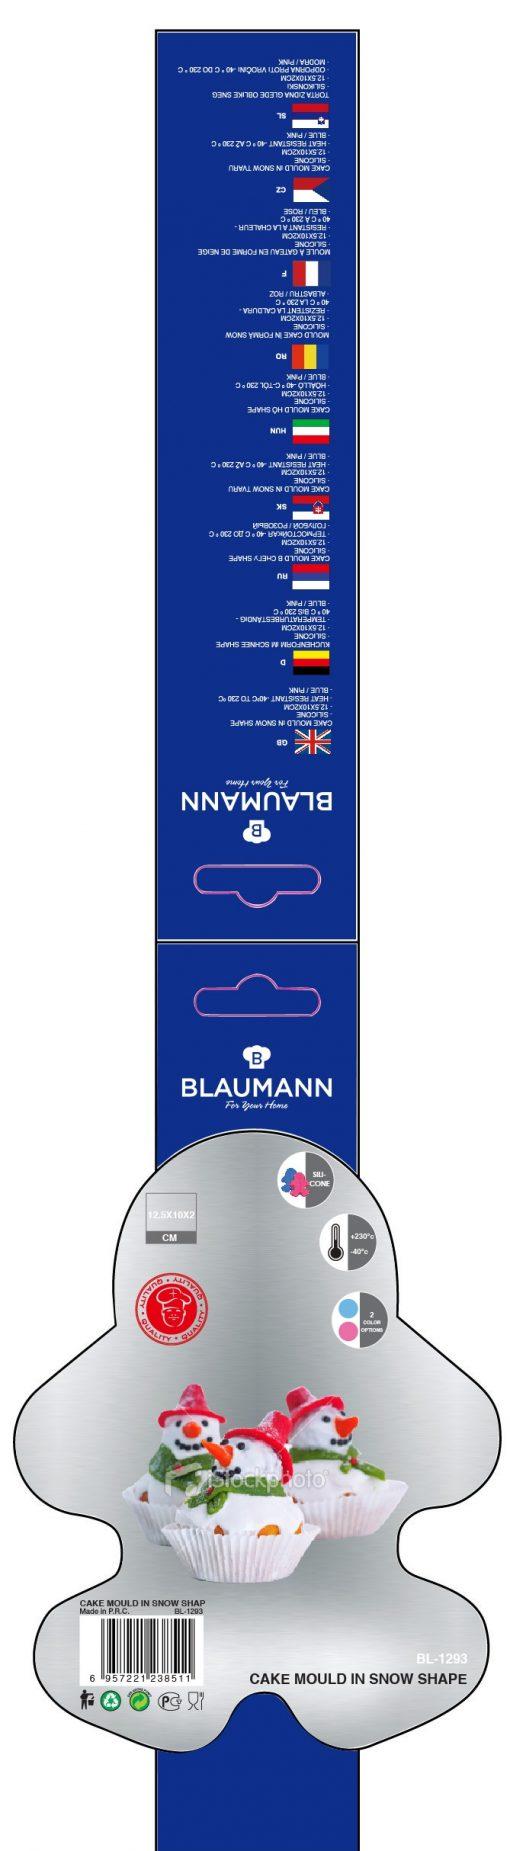 5 x 10 x 2 cmCouleur: bleu